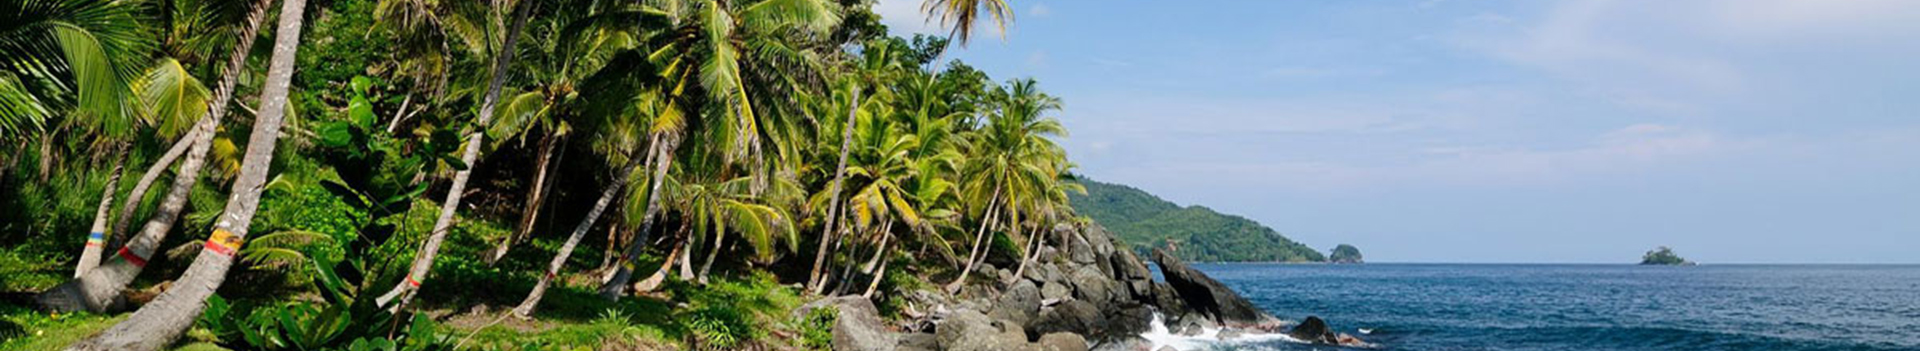 Caribe1